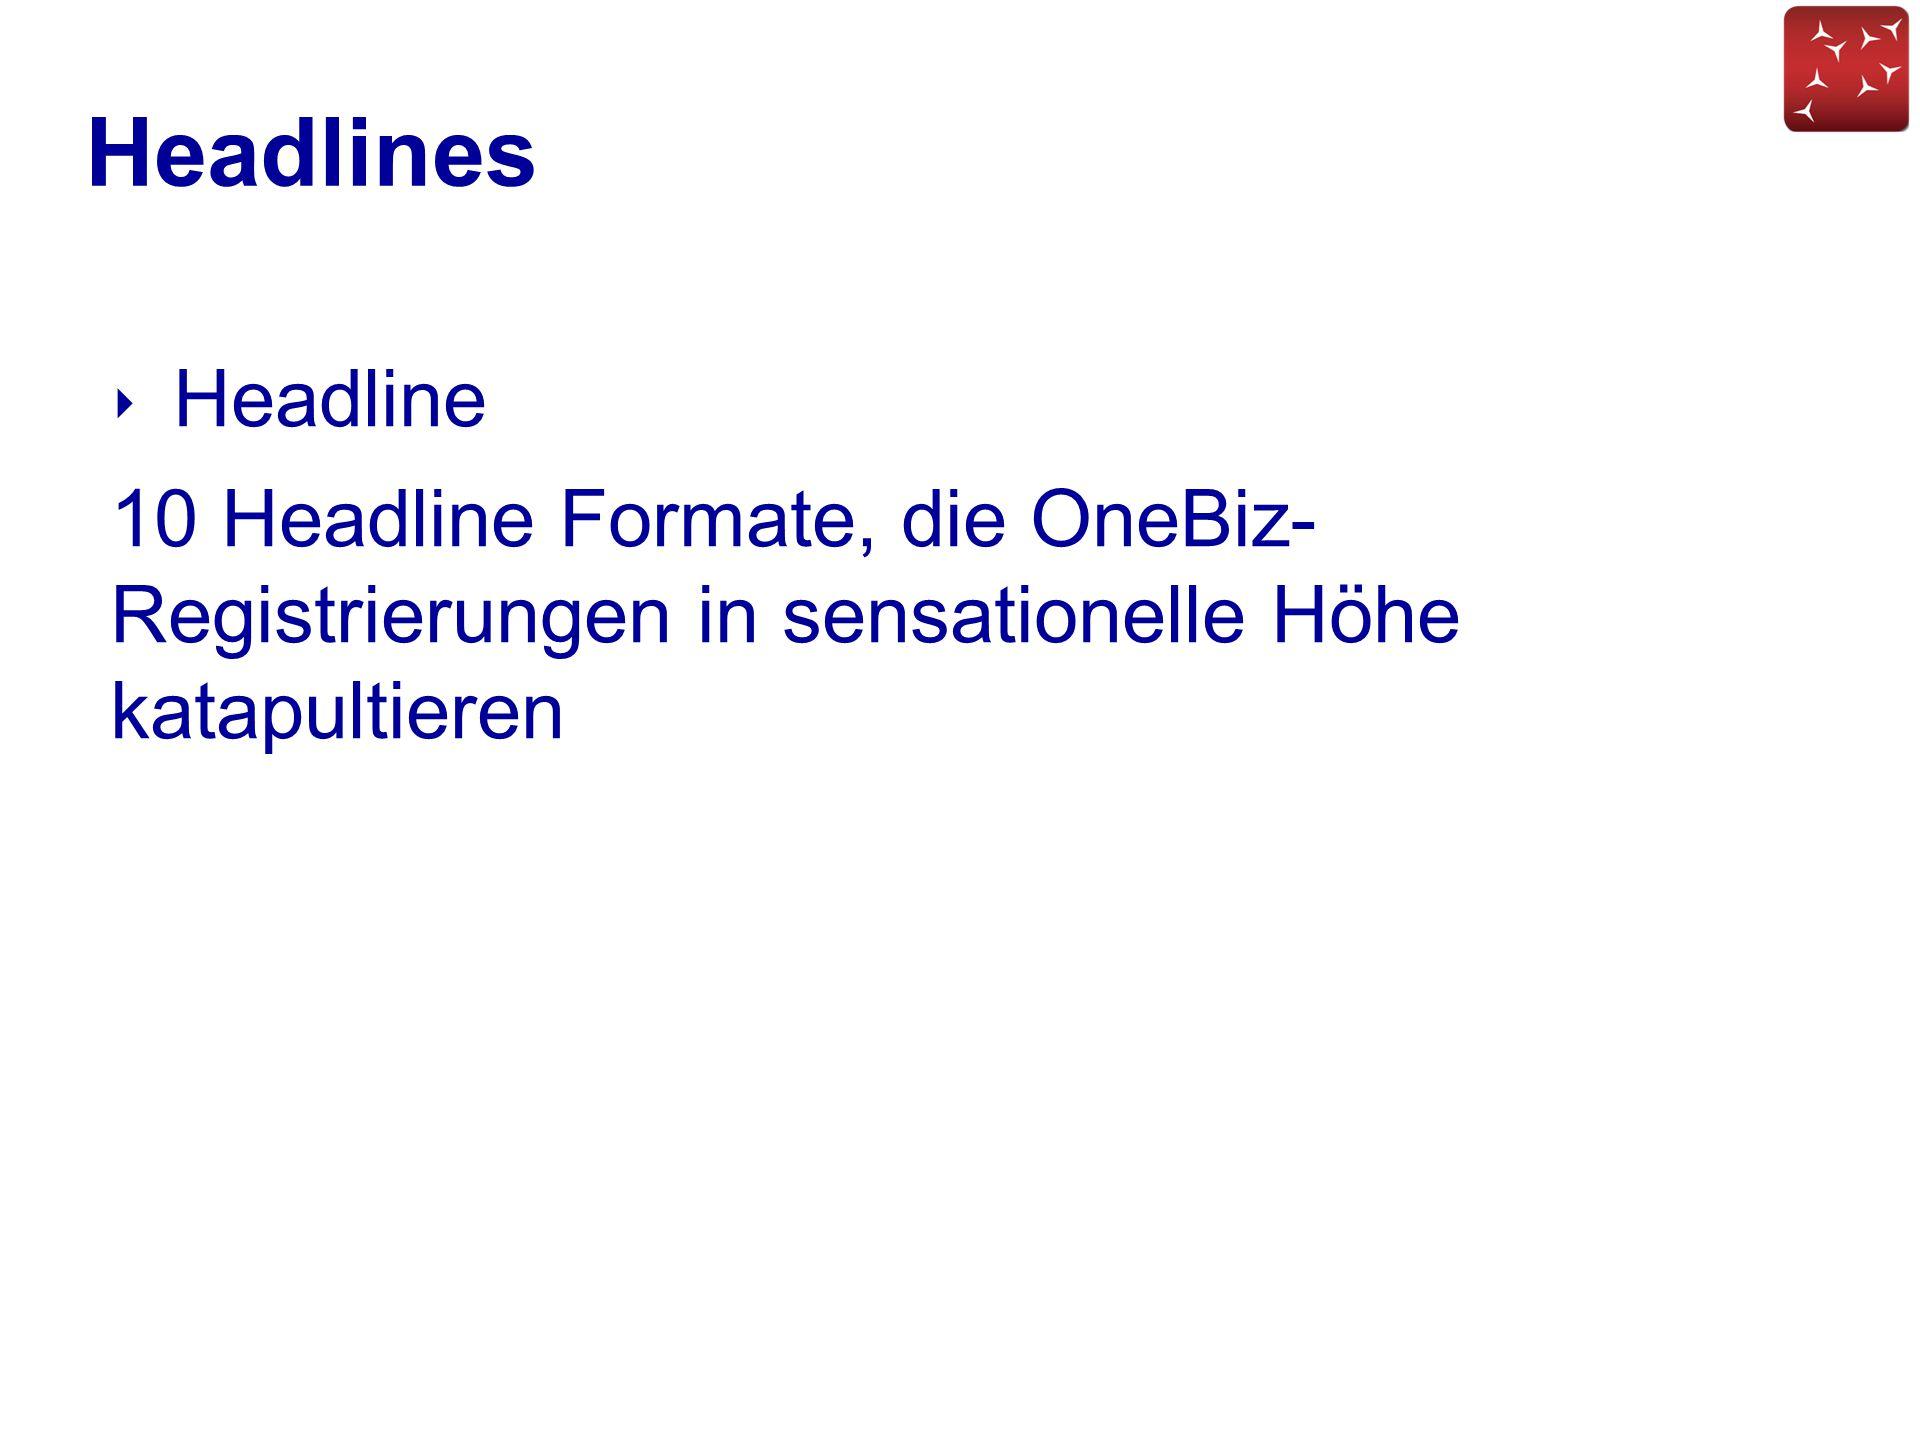 Headlines ‣ Headline 10 Headline Formate, die OneBiz- Registrierungen in sensationelle Höhe katapultieren